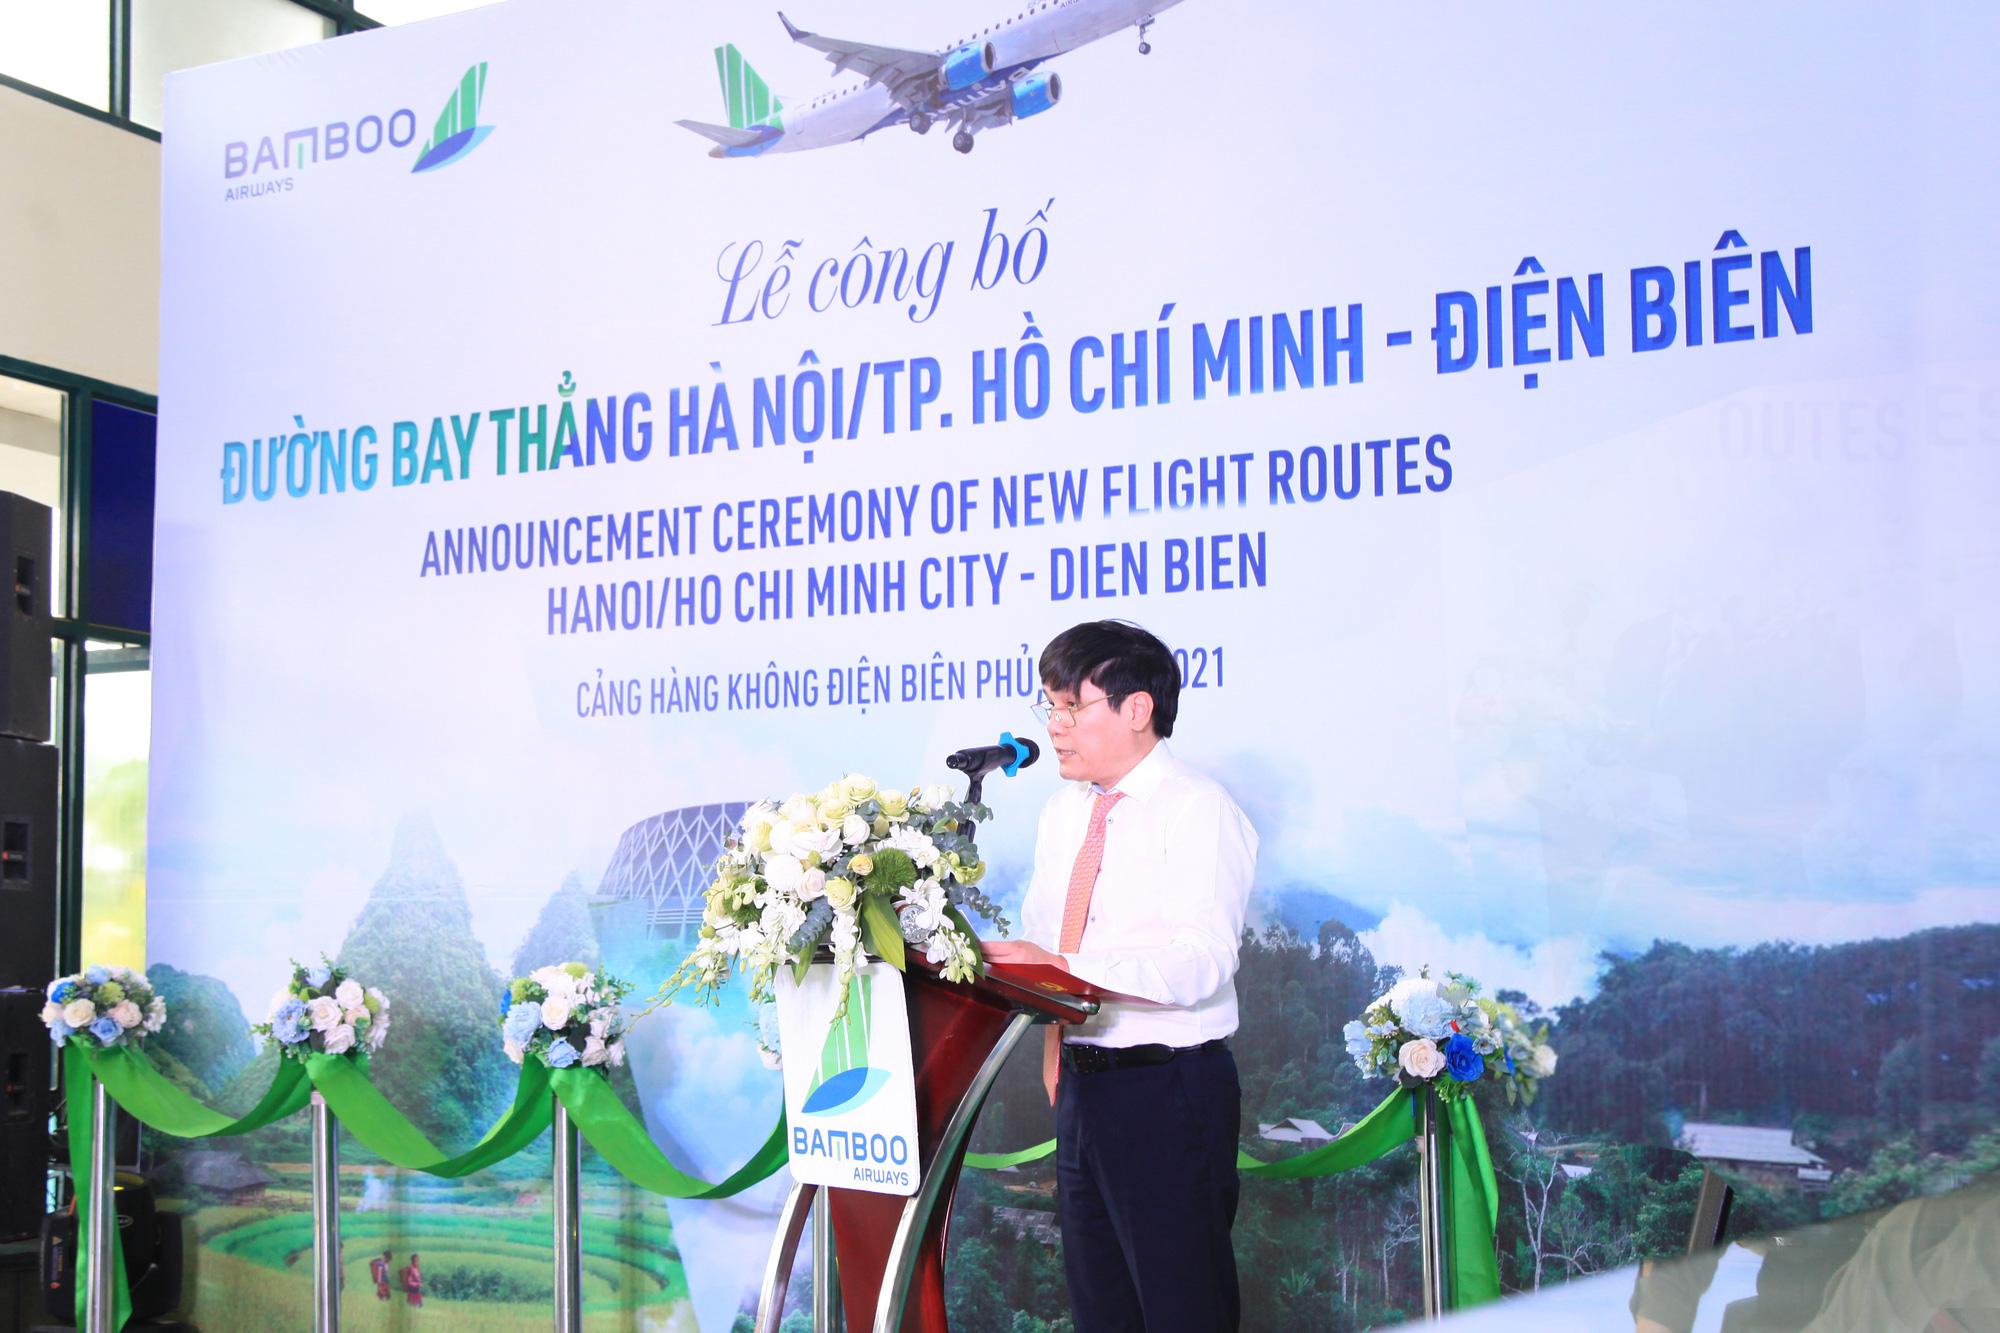 Bamboo Airways khai trương đường bay thẳng Hà Nội, TP Hồ Chí Minh - Điện Biên - Ảnh 2.